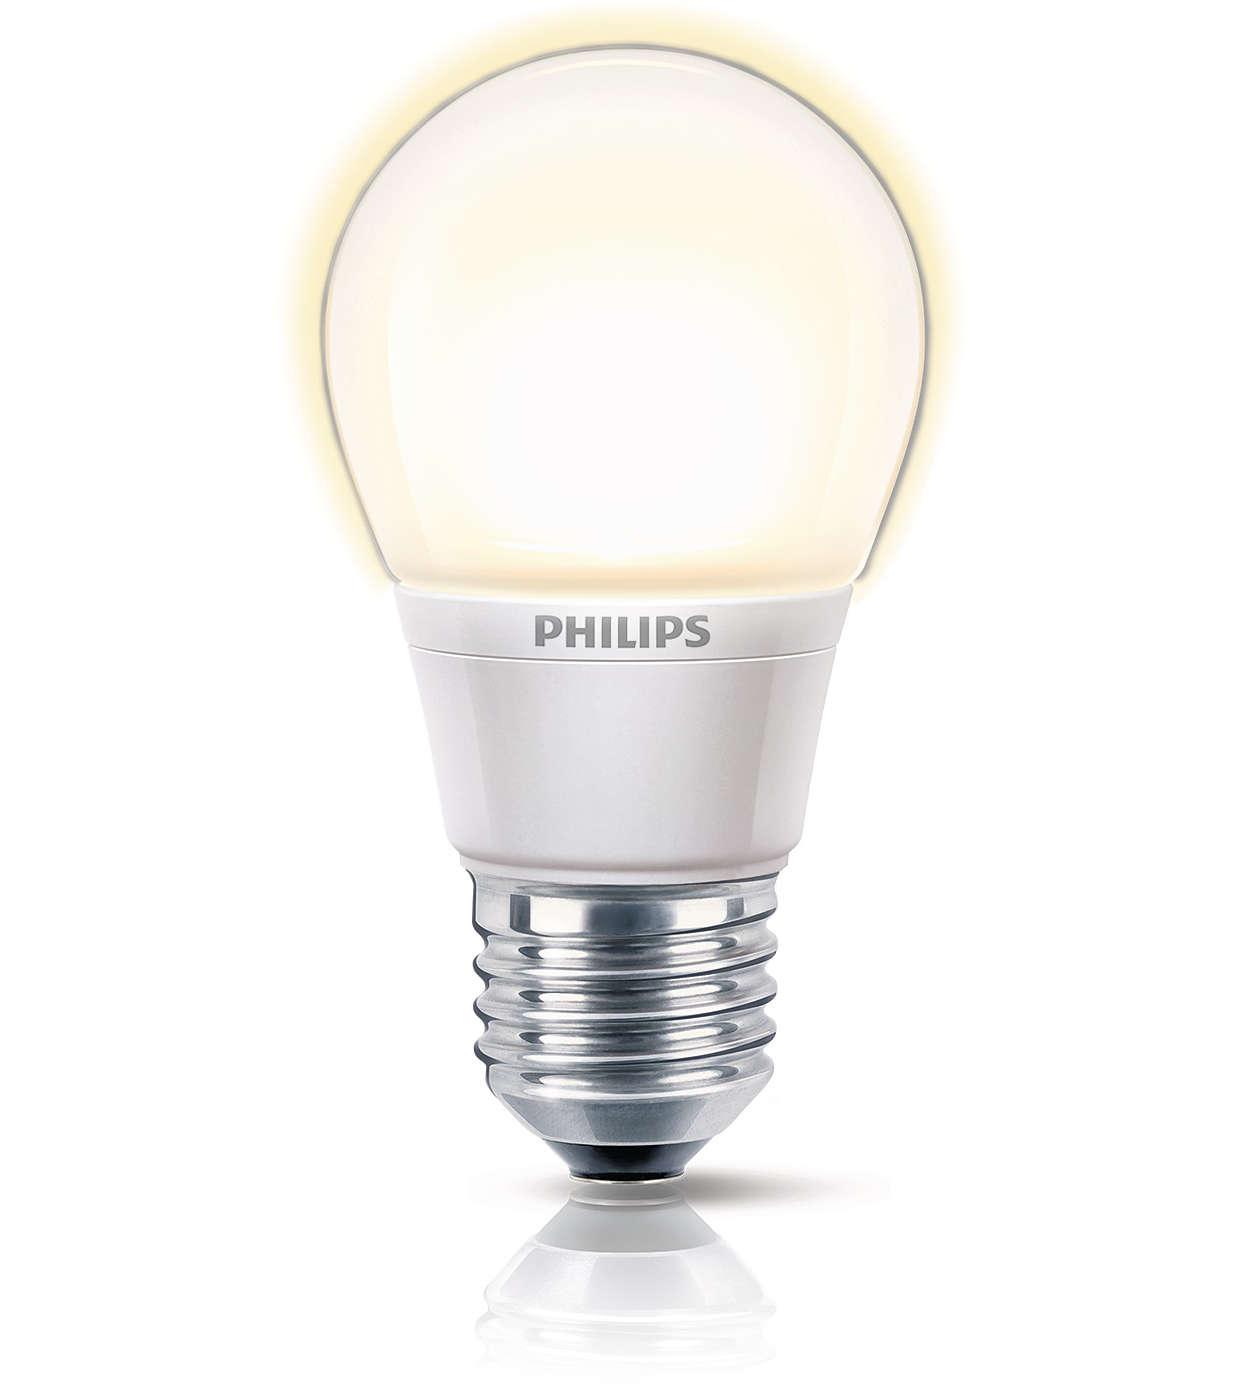 Pålitlig dekorativ belysning